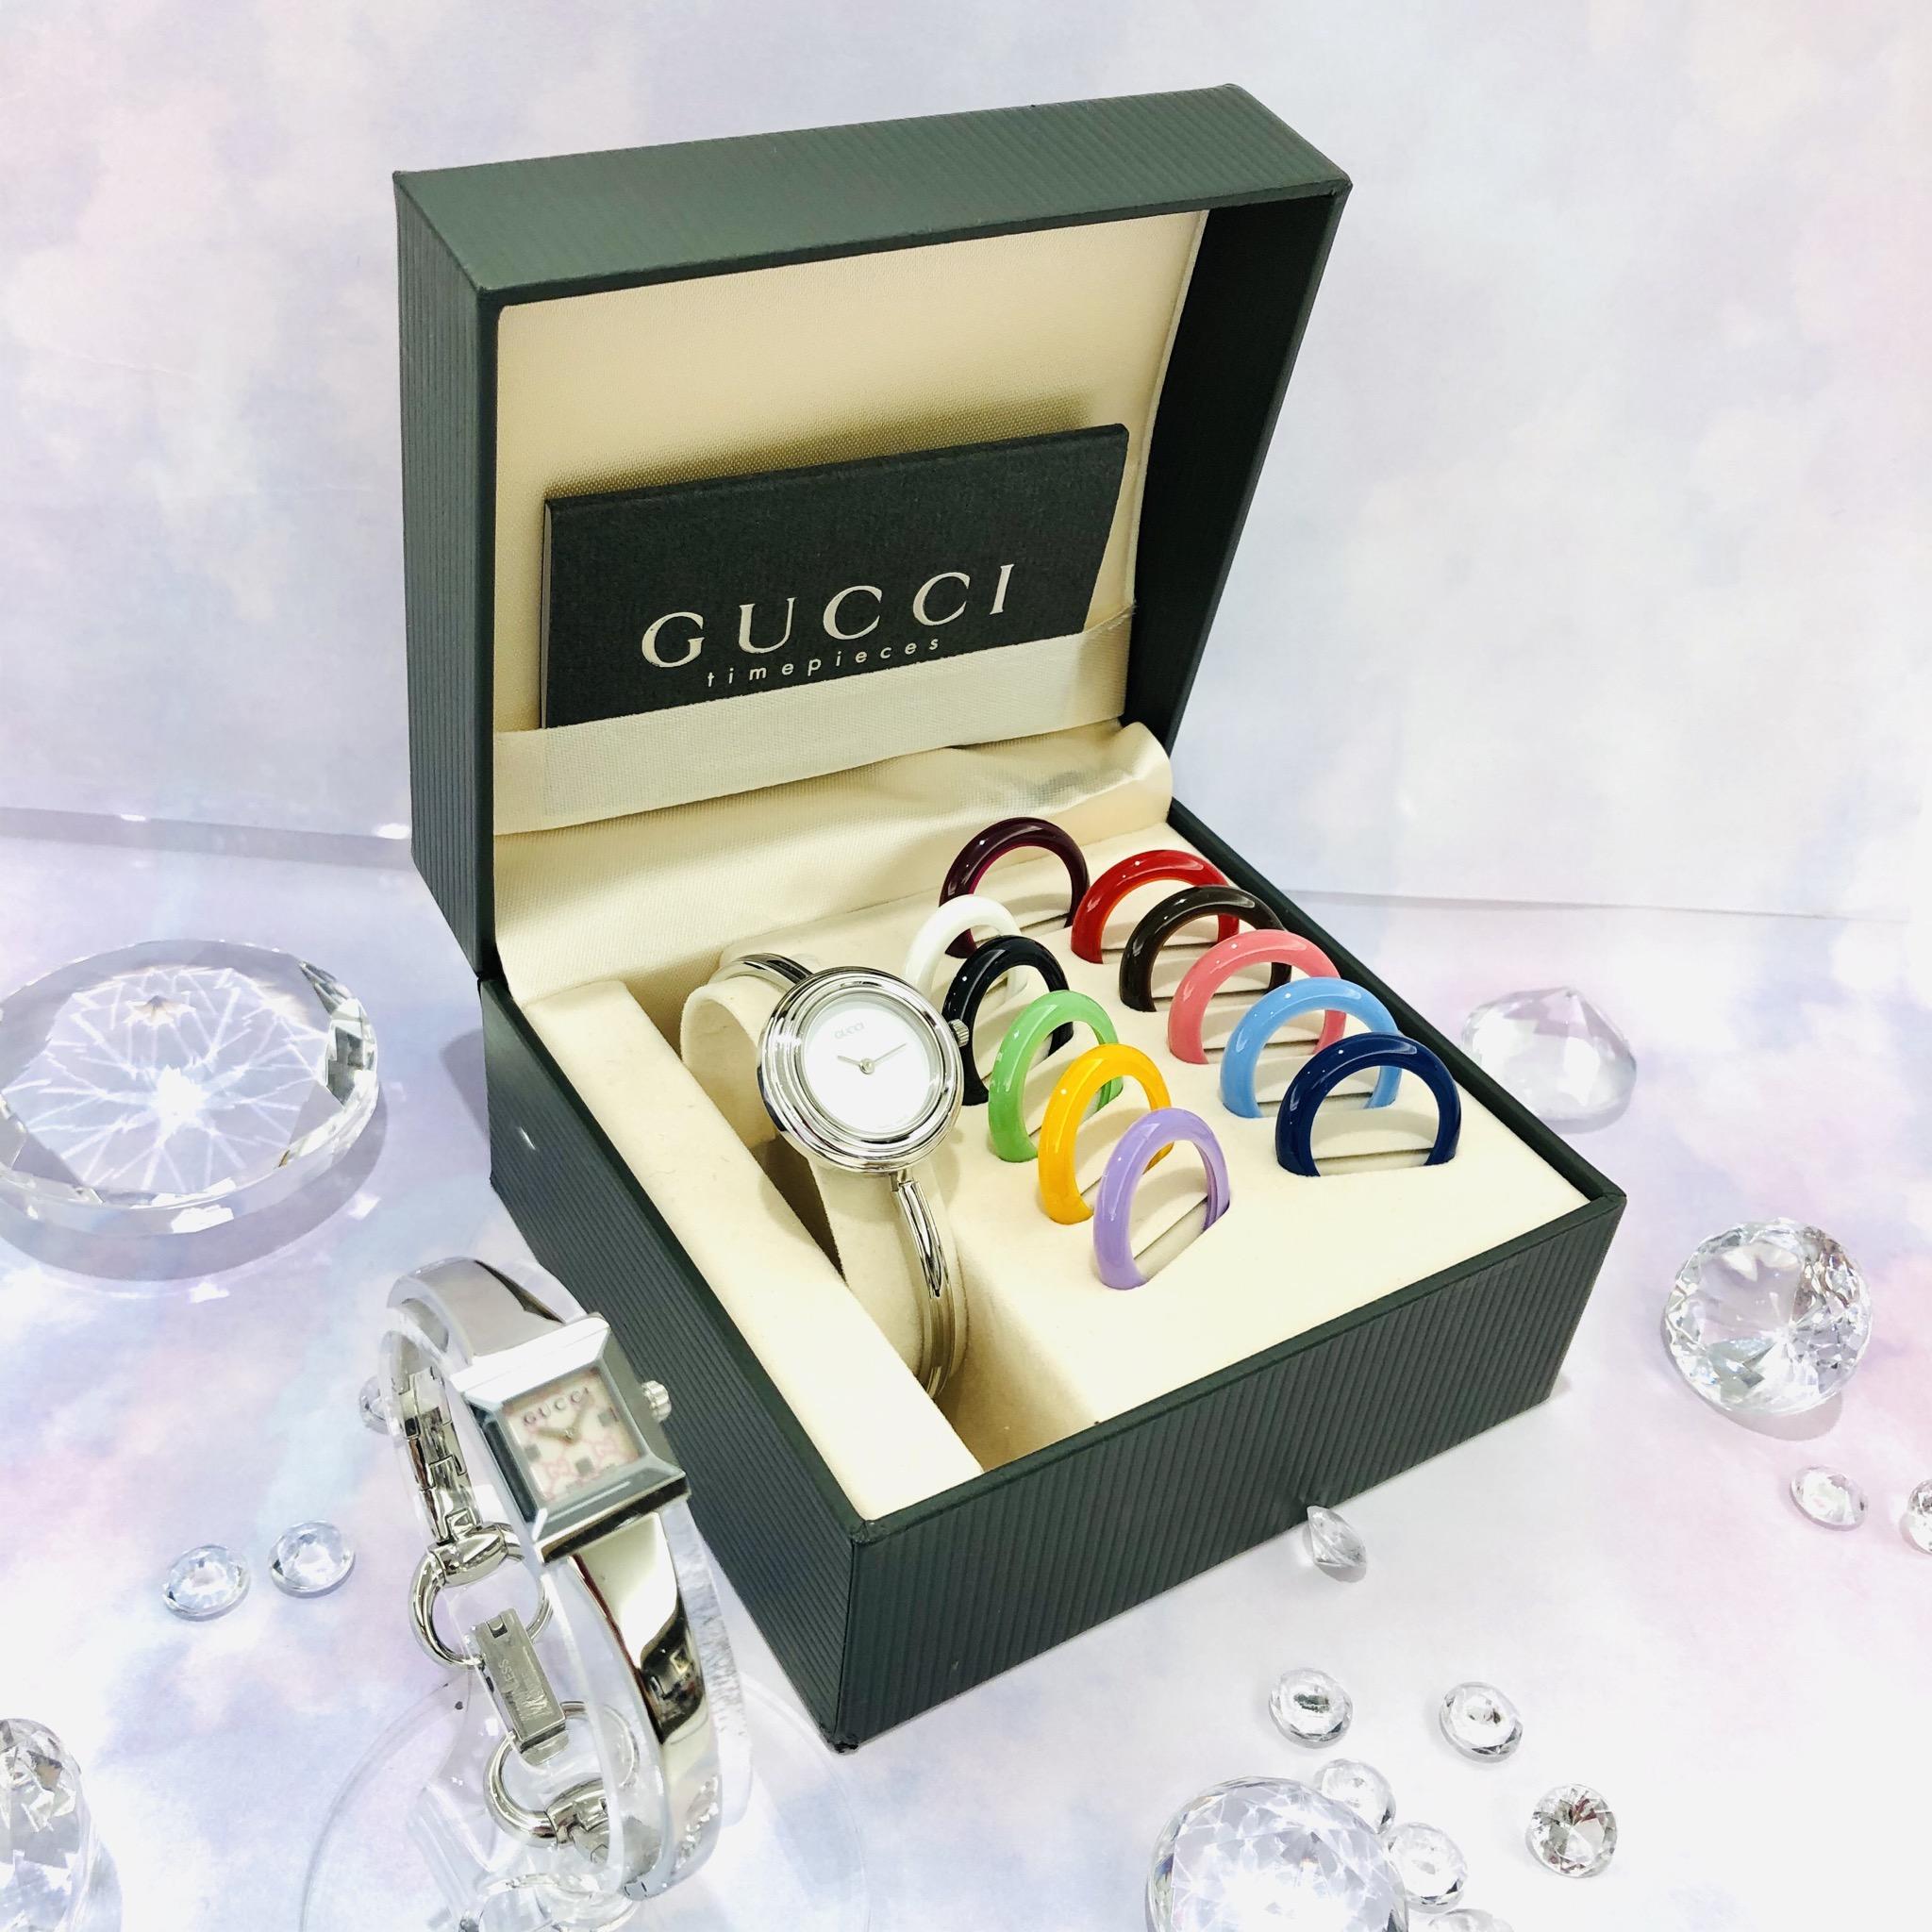 【盛岡 時計 販売】GUCCIの腕時計 気分やお洋服に合わせて時計をコーディネート!!